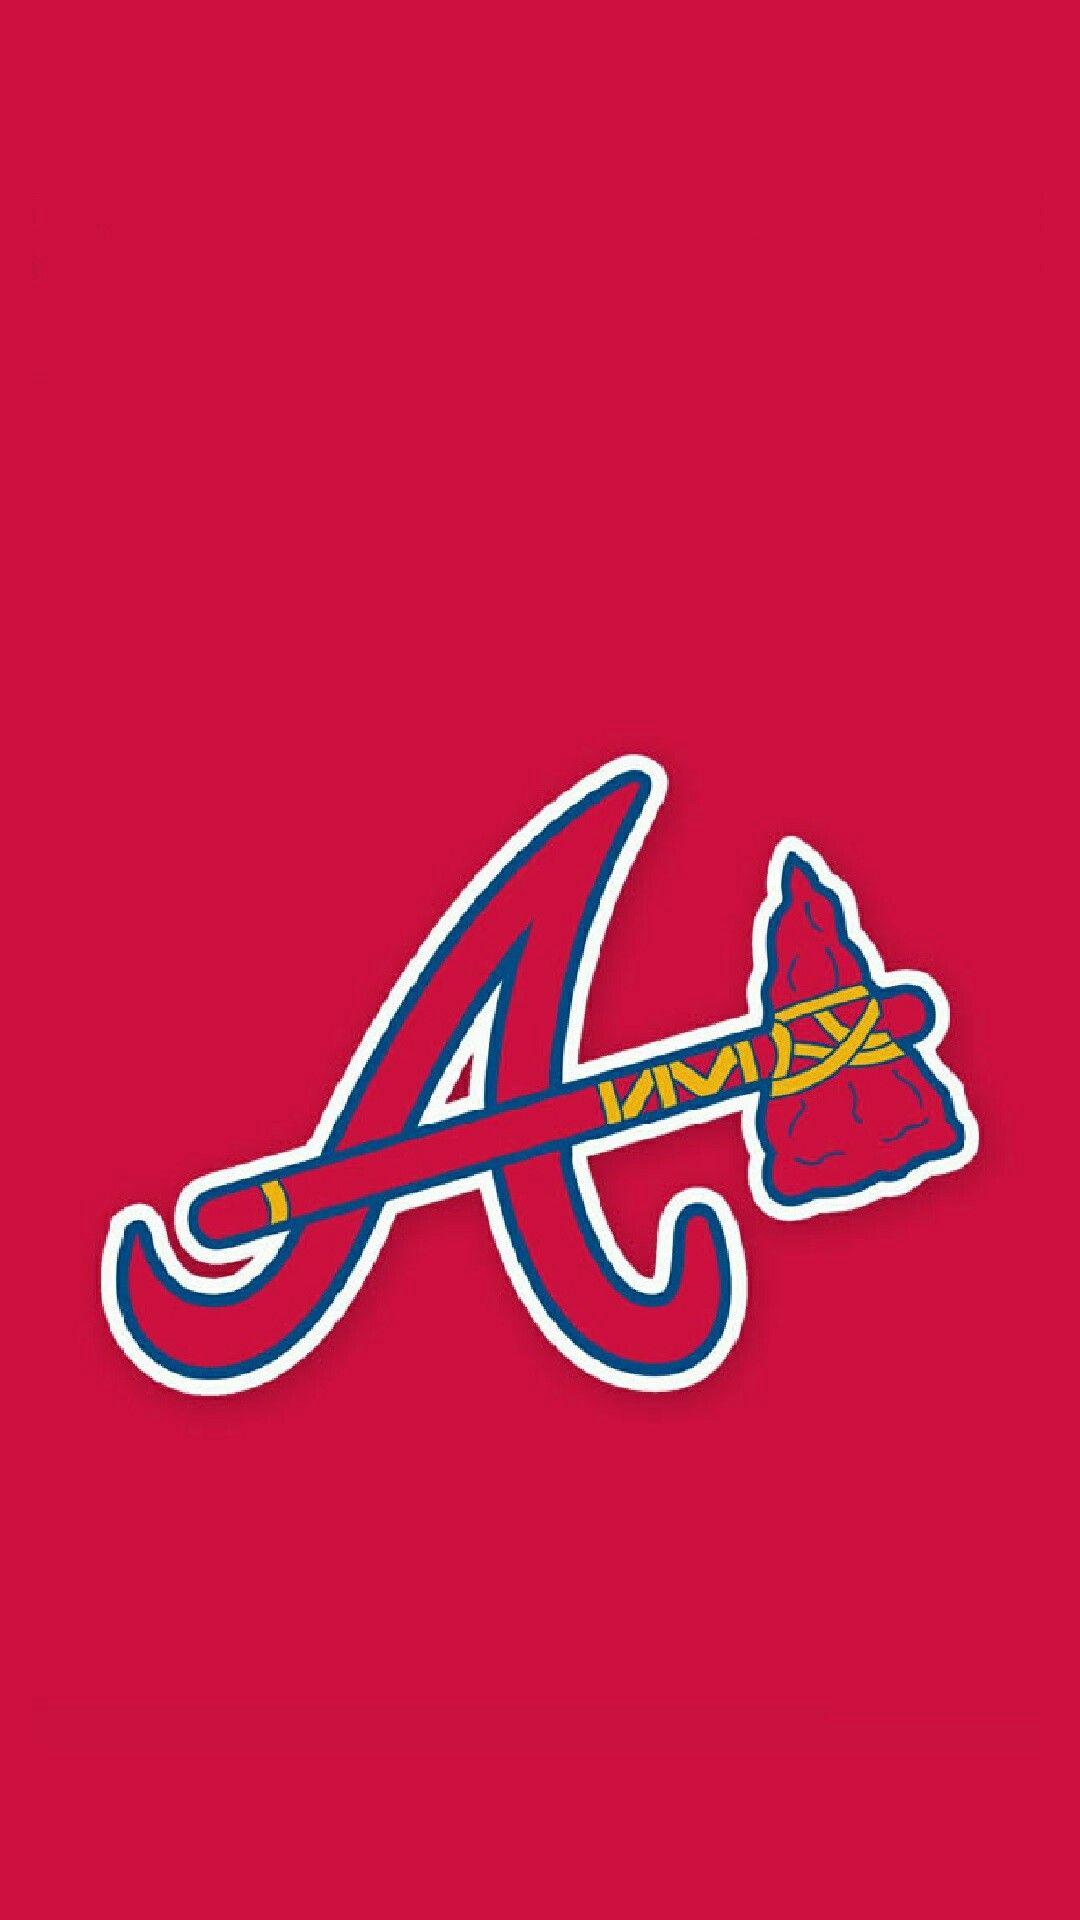 Atlanta Braves Atlanta Braves Iphone Wallpaper Atlanta Braves Wallpaper Braves